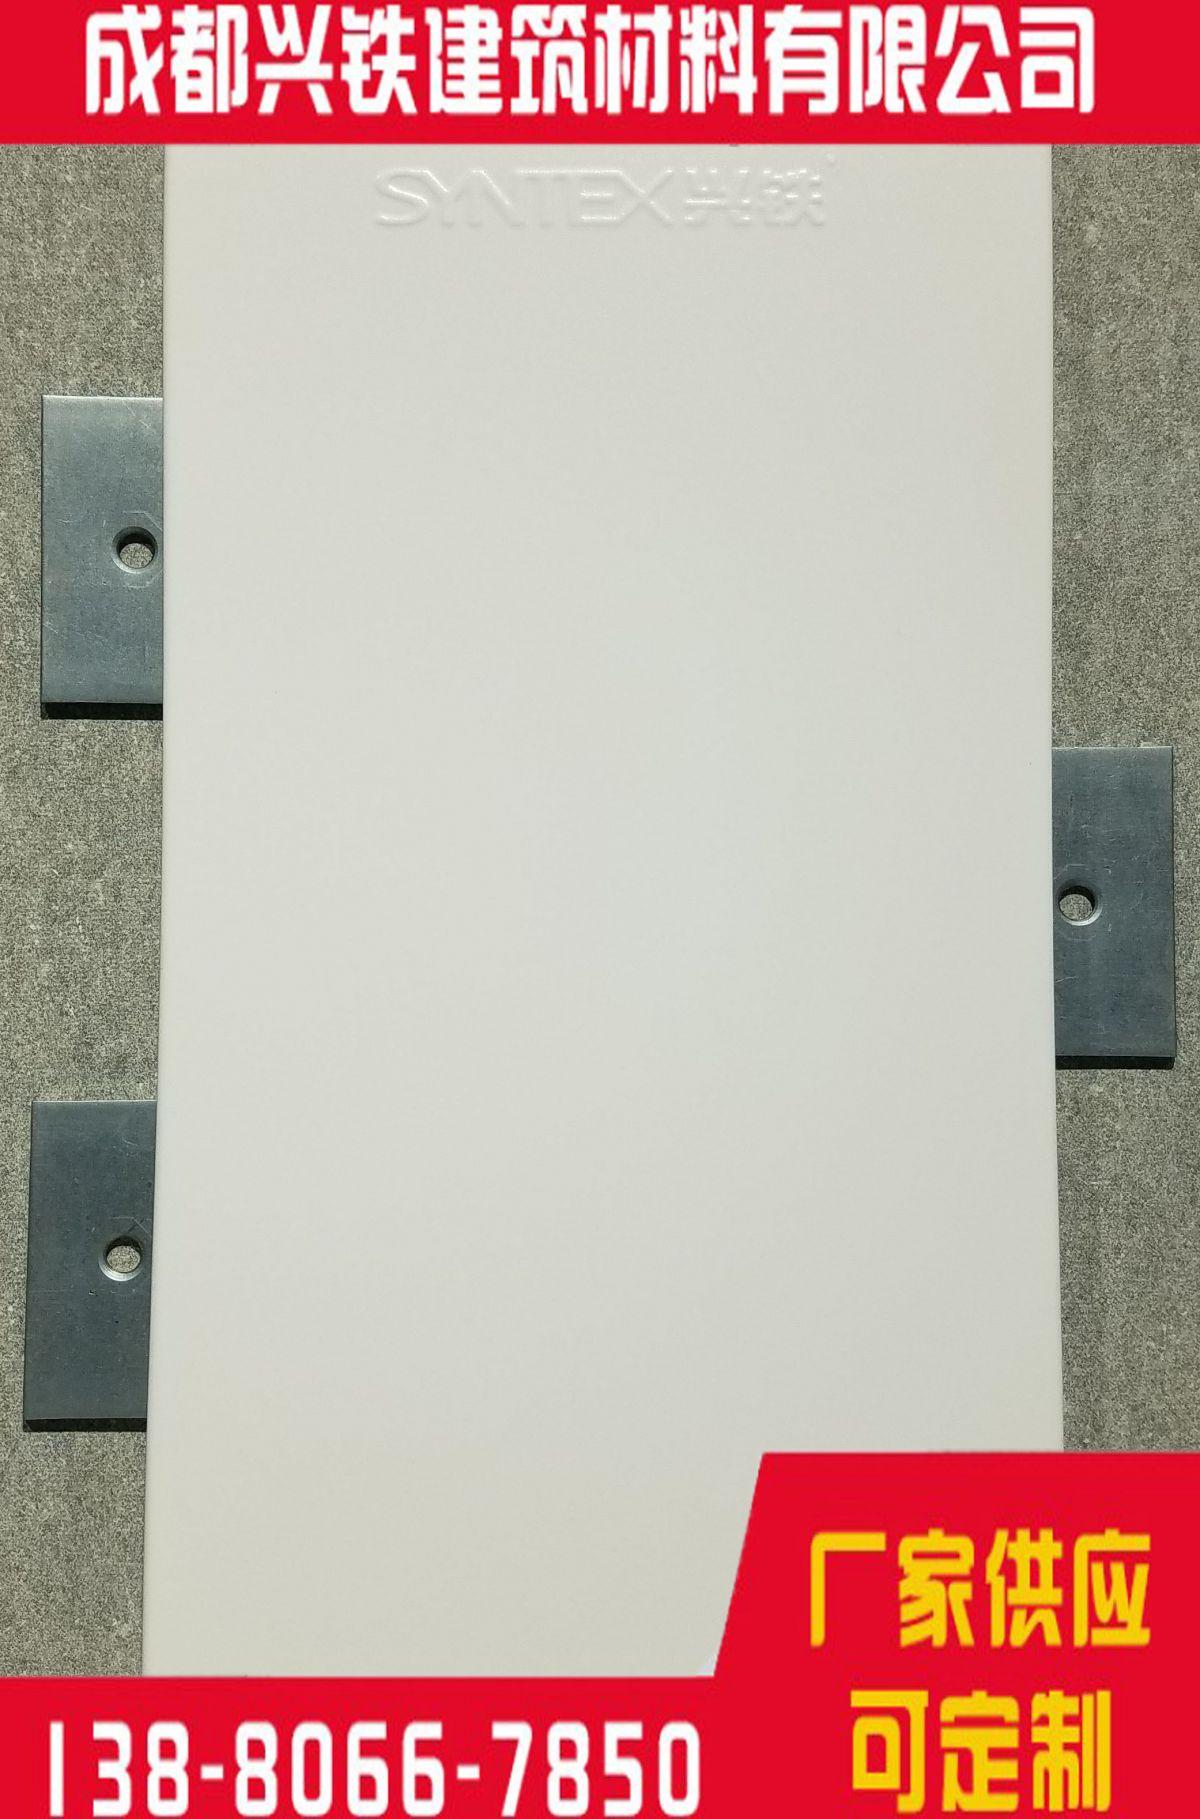 兴铁金属墙板钢制墙板卡扣式墙板安装密封钢制墙板钢制复合墙板